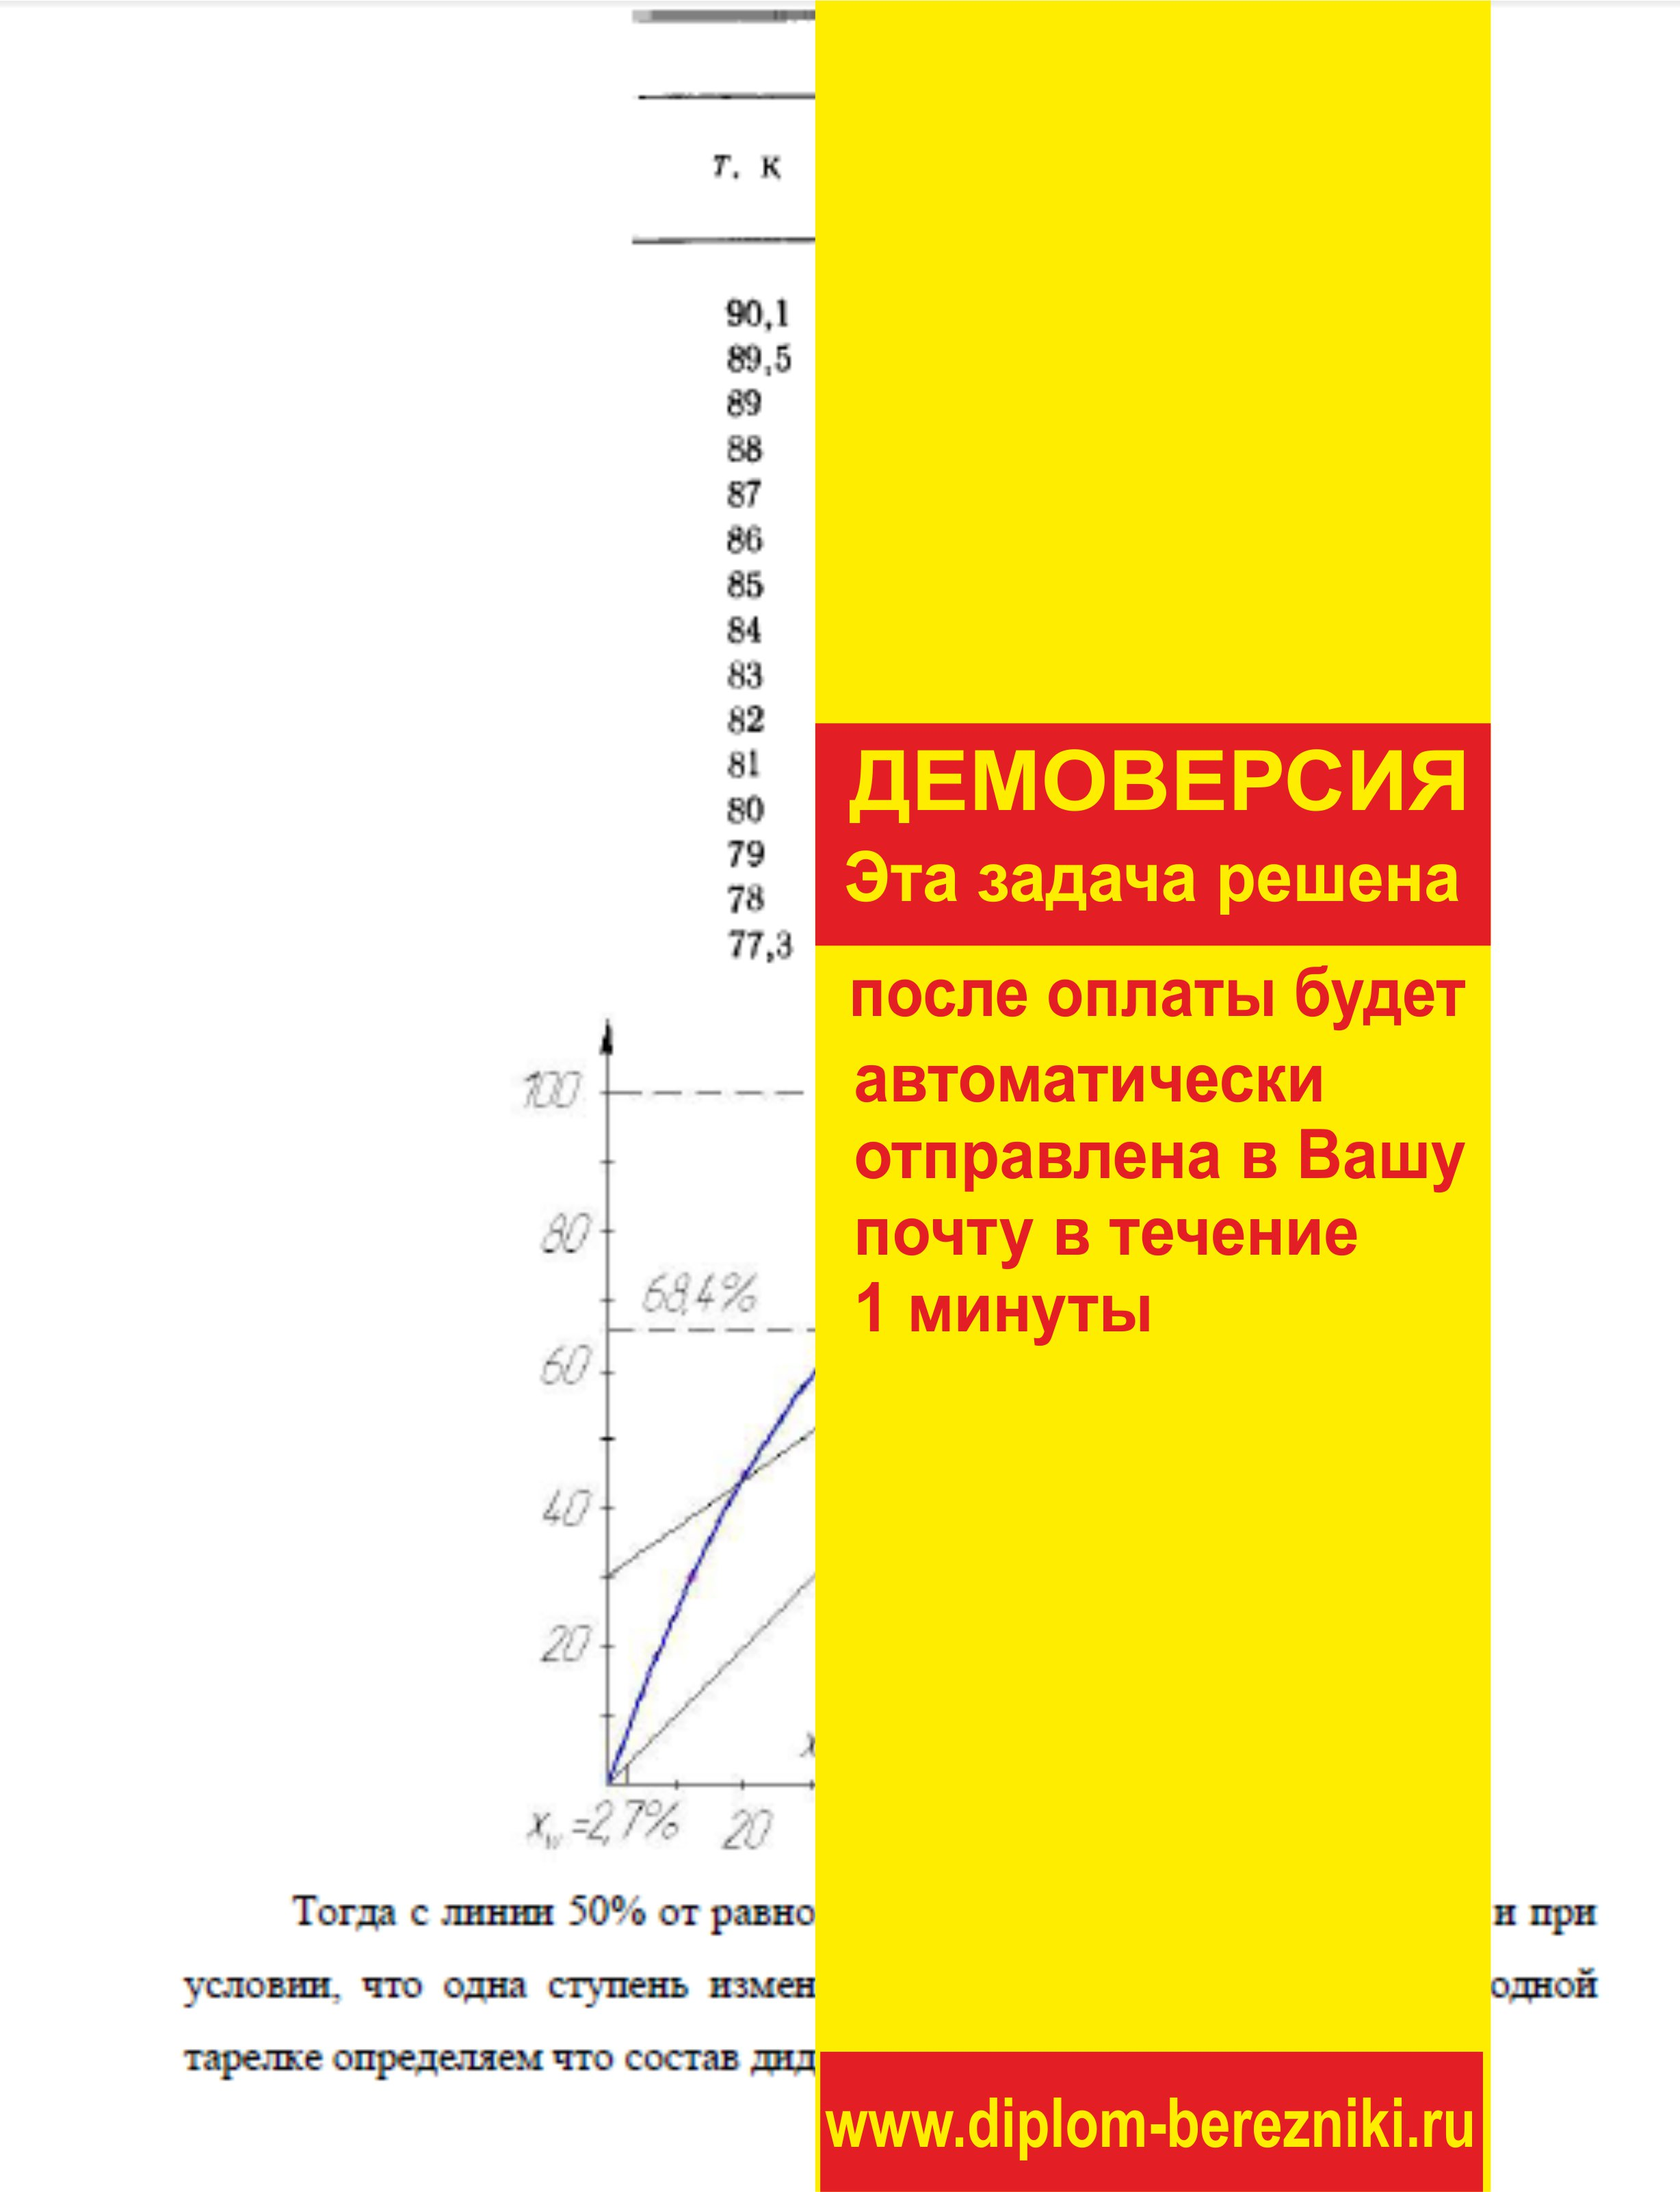 Решение задачи 7.16 по ПАХТ из задачника Павлова Романкова Носкова